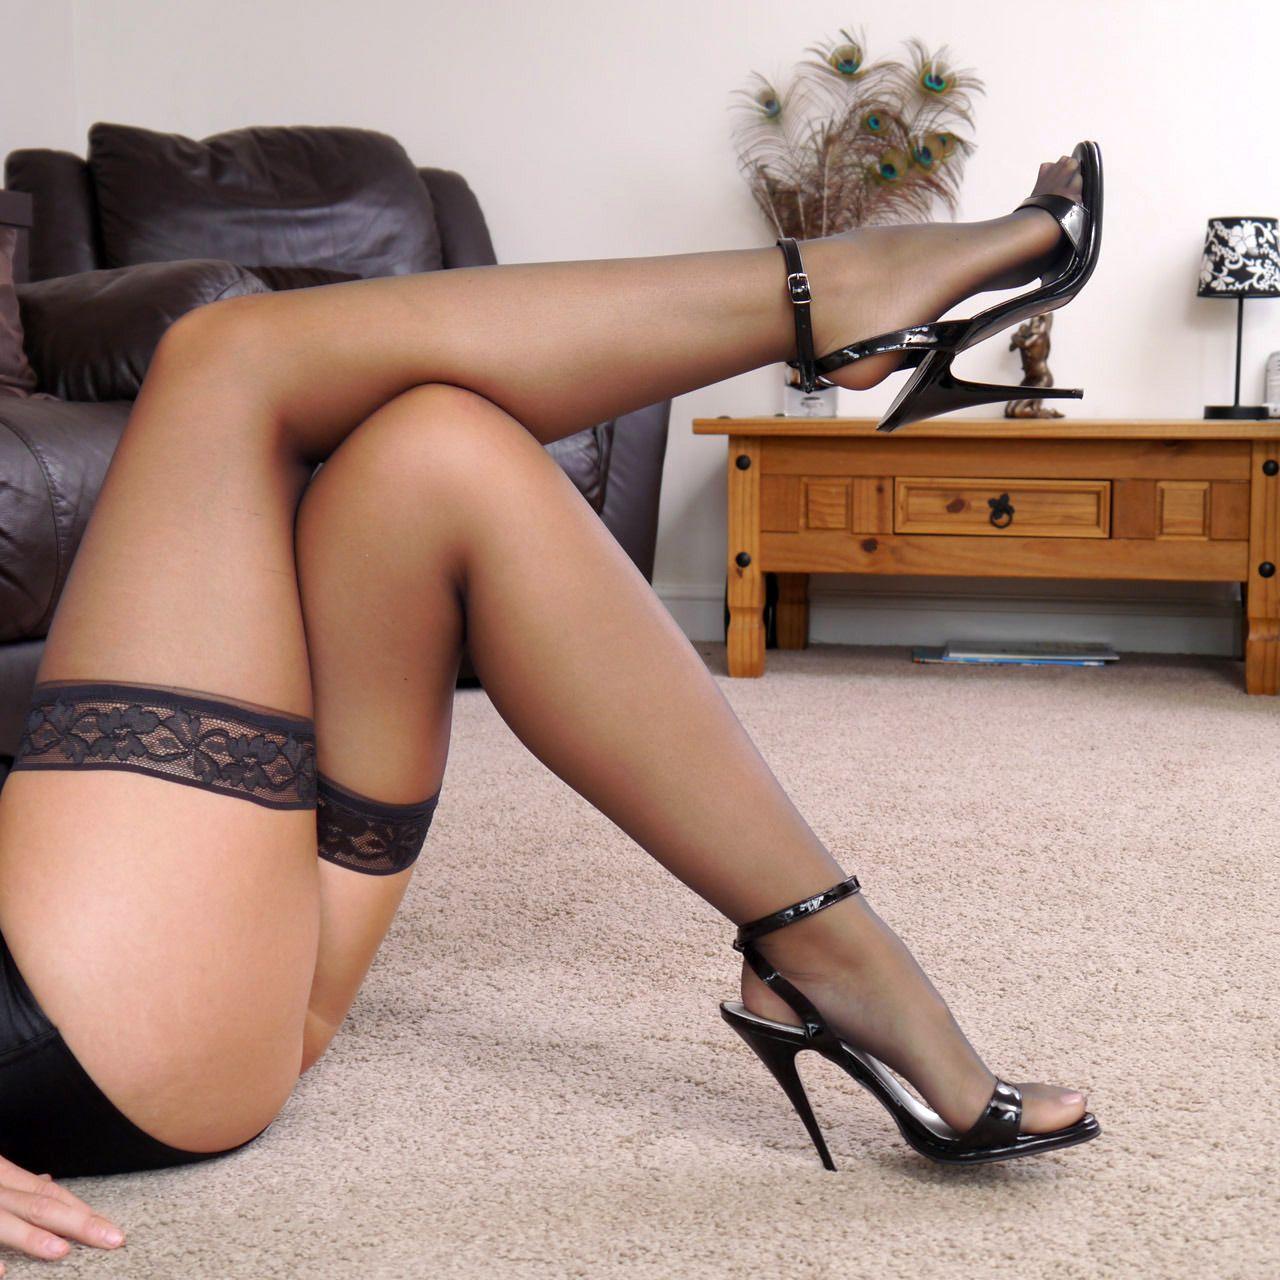 скотт голая жена в чулках на шпильках фото женщины захотели